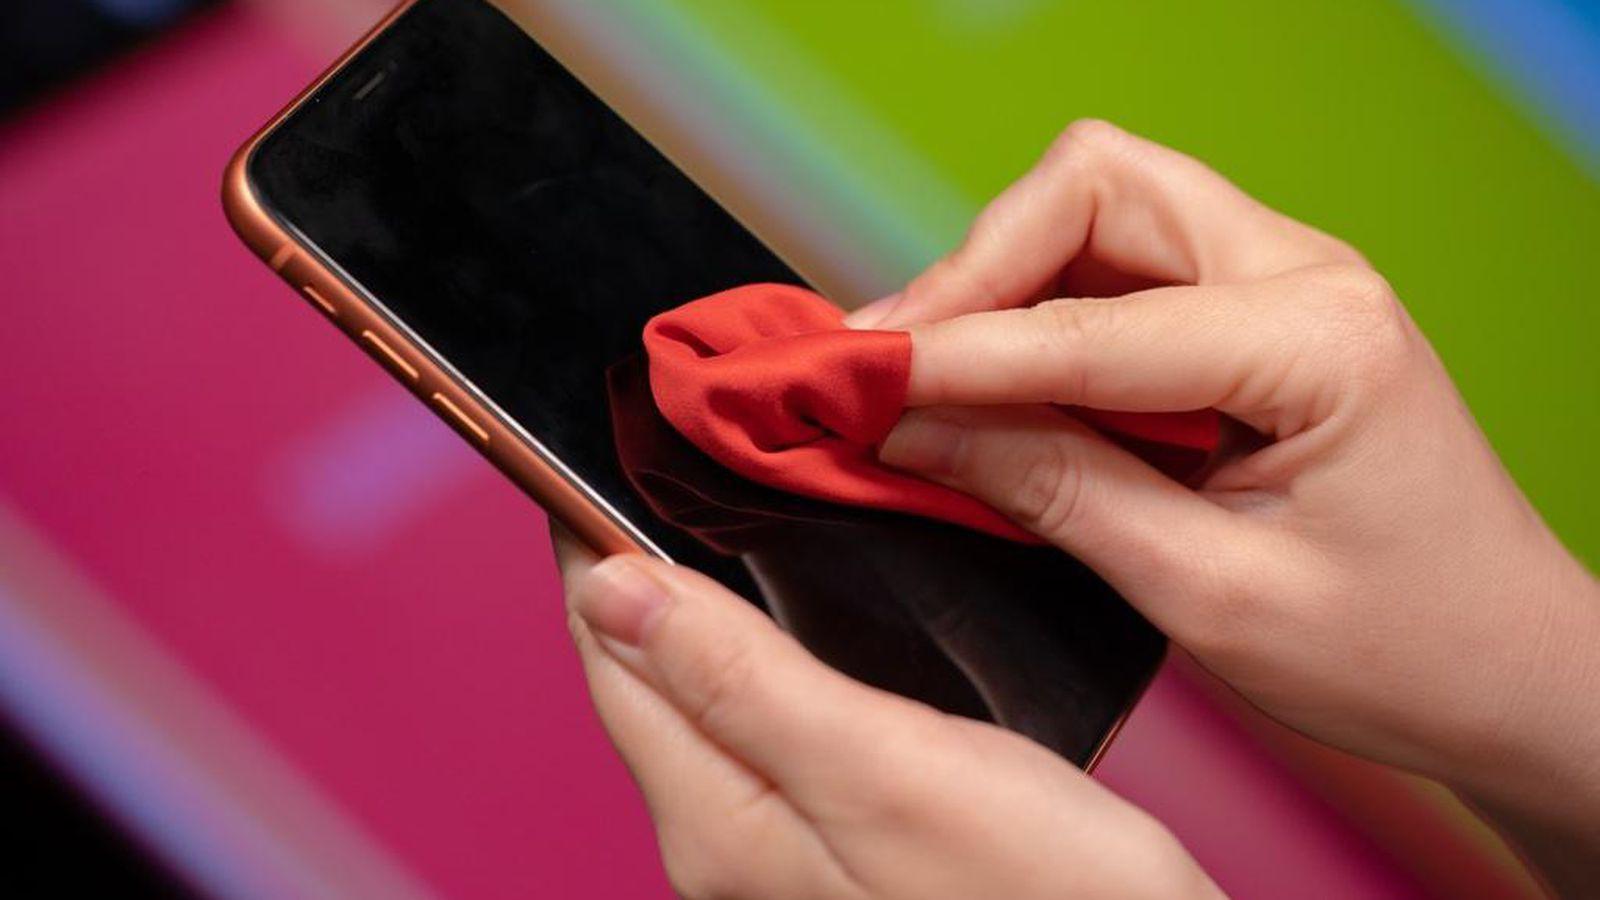 Đừng bao giờ lau màn hình smartphone bằng 9 thứ này nếu không muốn tiền mất tật mang! - Ảnh 1.